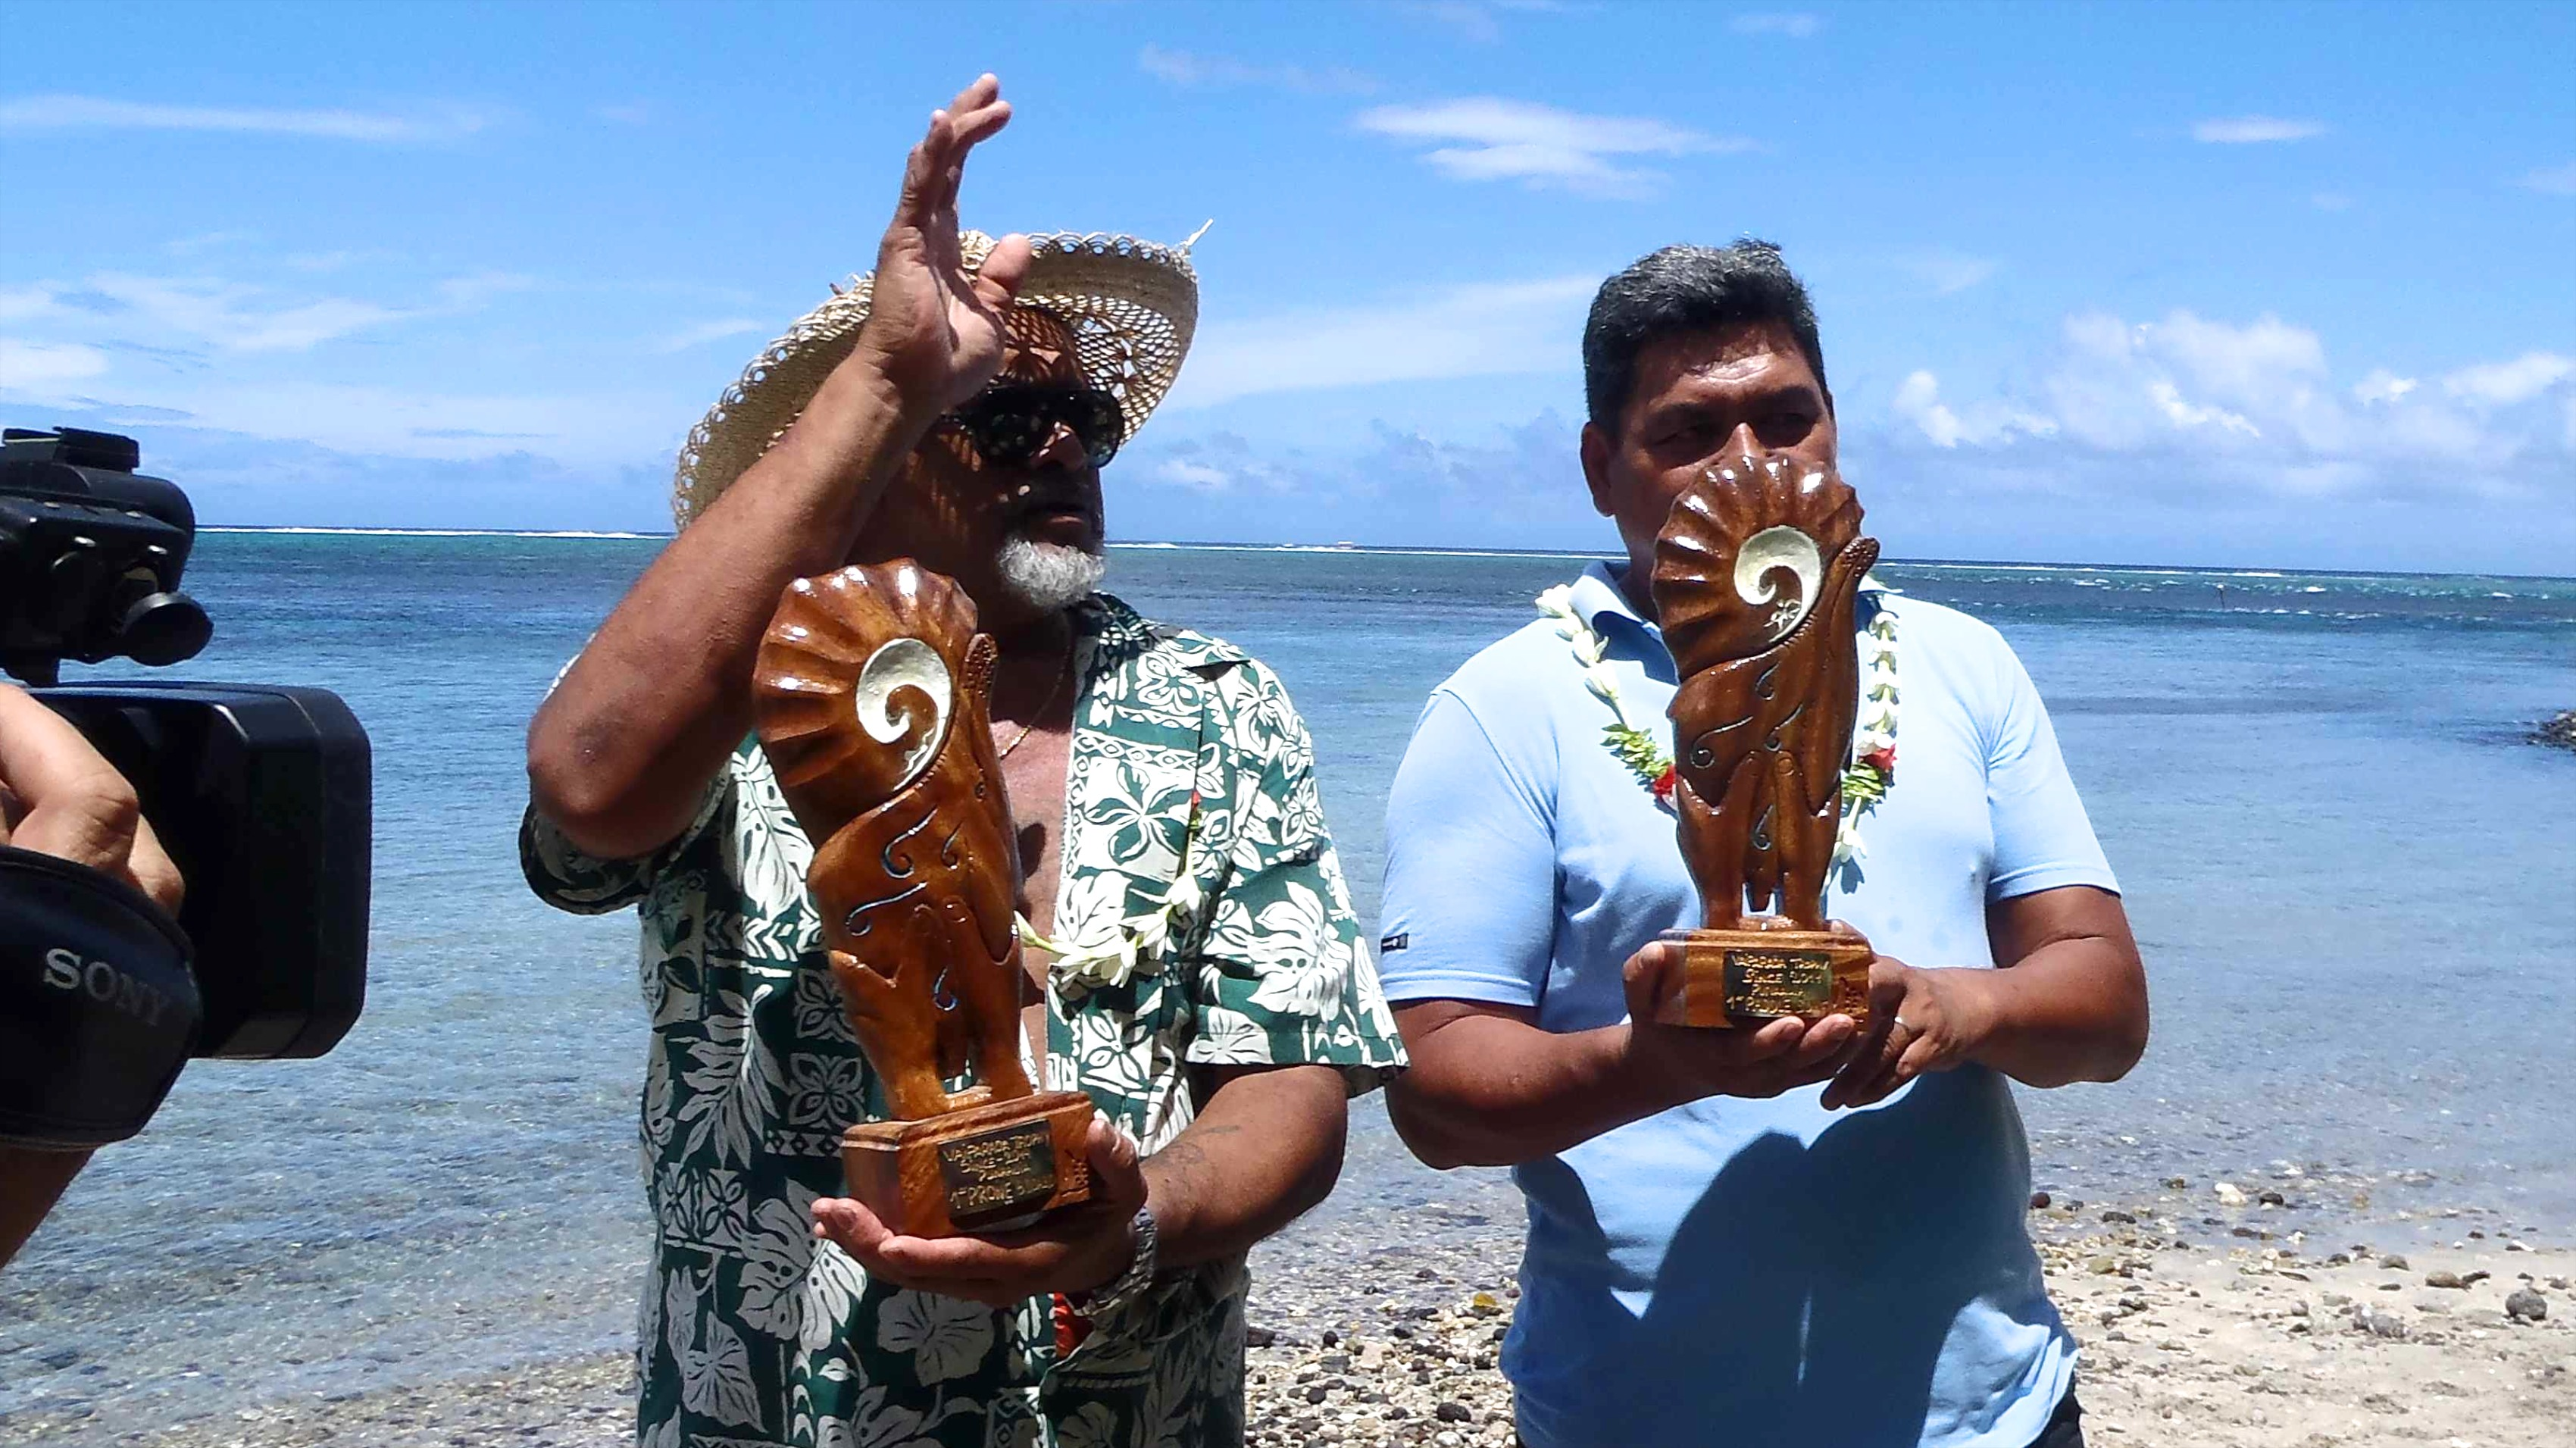 Paddle Surf, Bodyboard - Vai-Paraoa Trophy : le spot de Sapinus à nouveau le théâtre d'une compétition de glisse au récif !